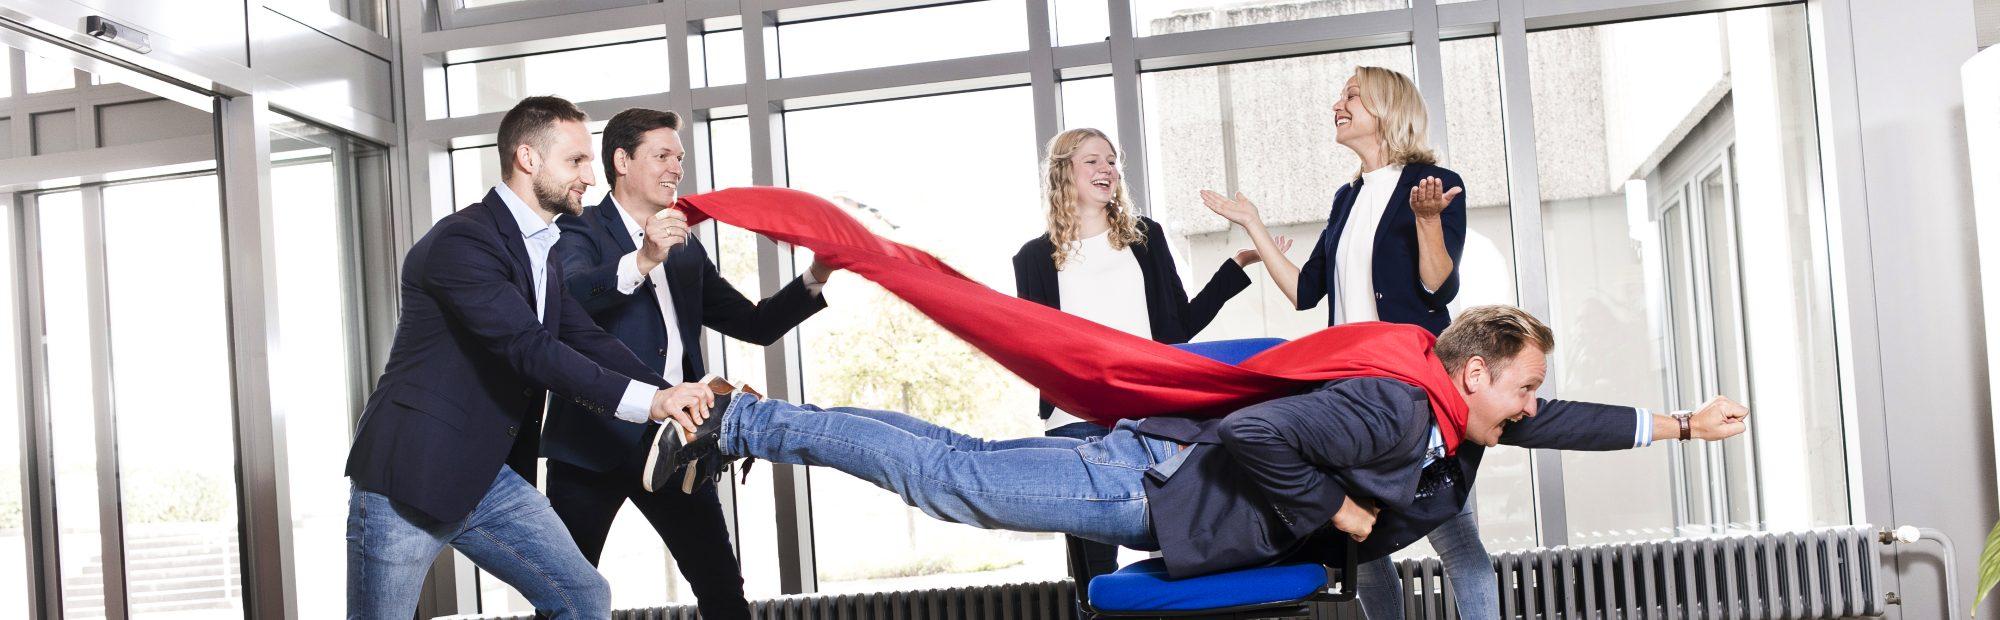 Abgebildet sind fünf Personen die lachen. Im Fokus liegt ein Mann auf einem Stuhl in einem Supermann Kostüm.